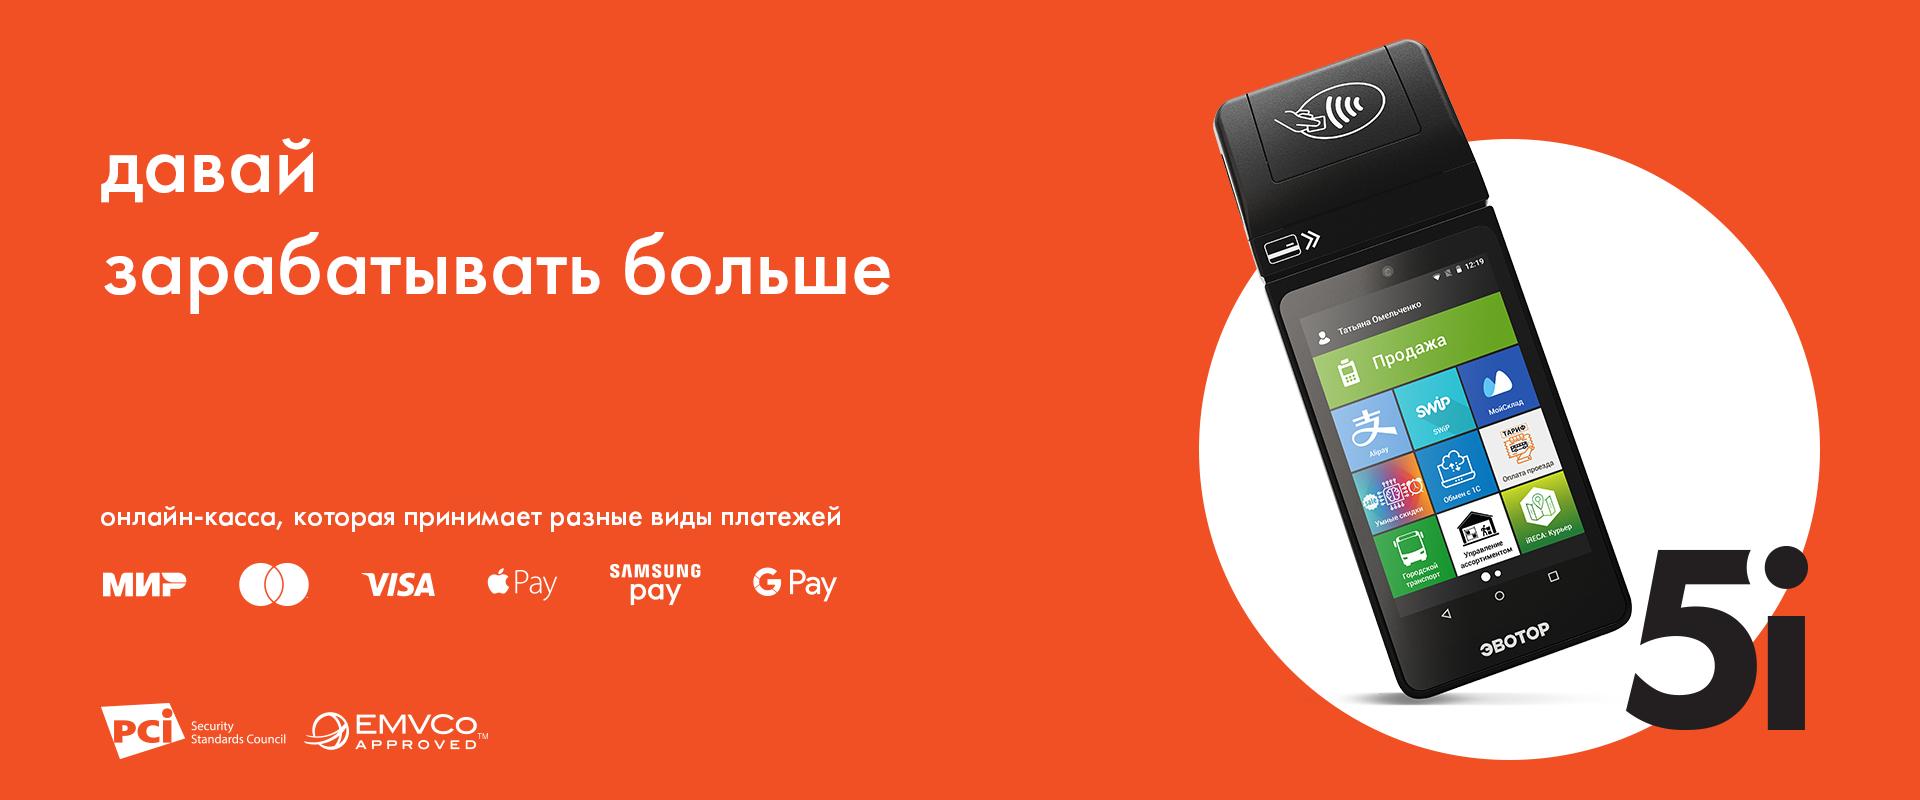 Онлайн касса Эвотор 5i под ключ в Калининграде